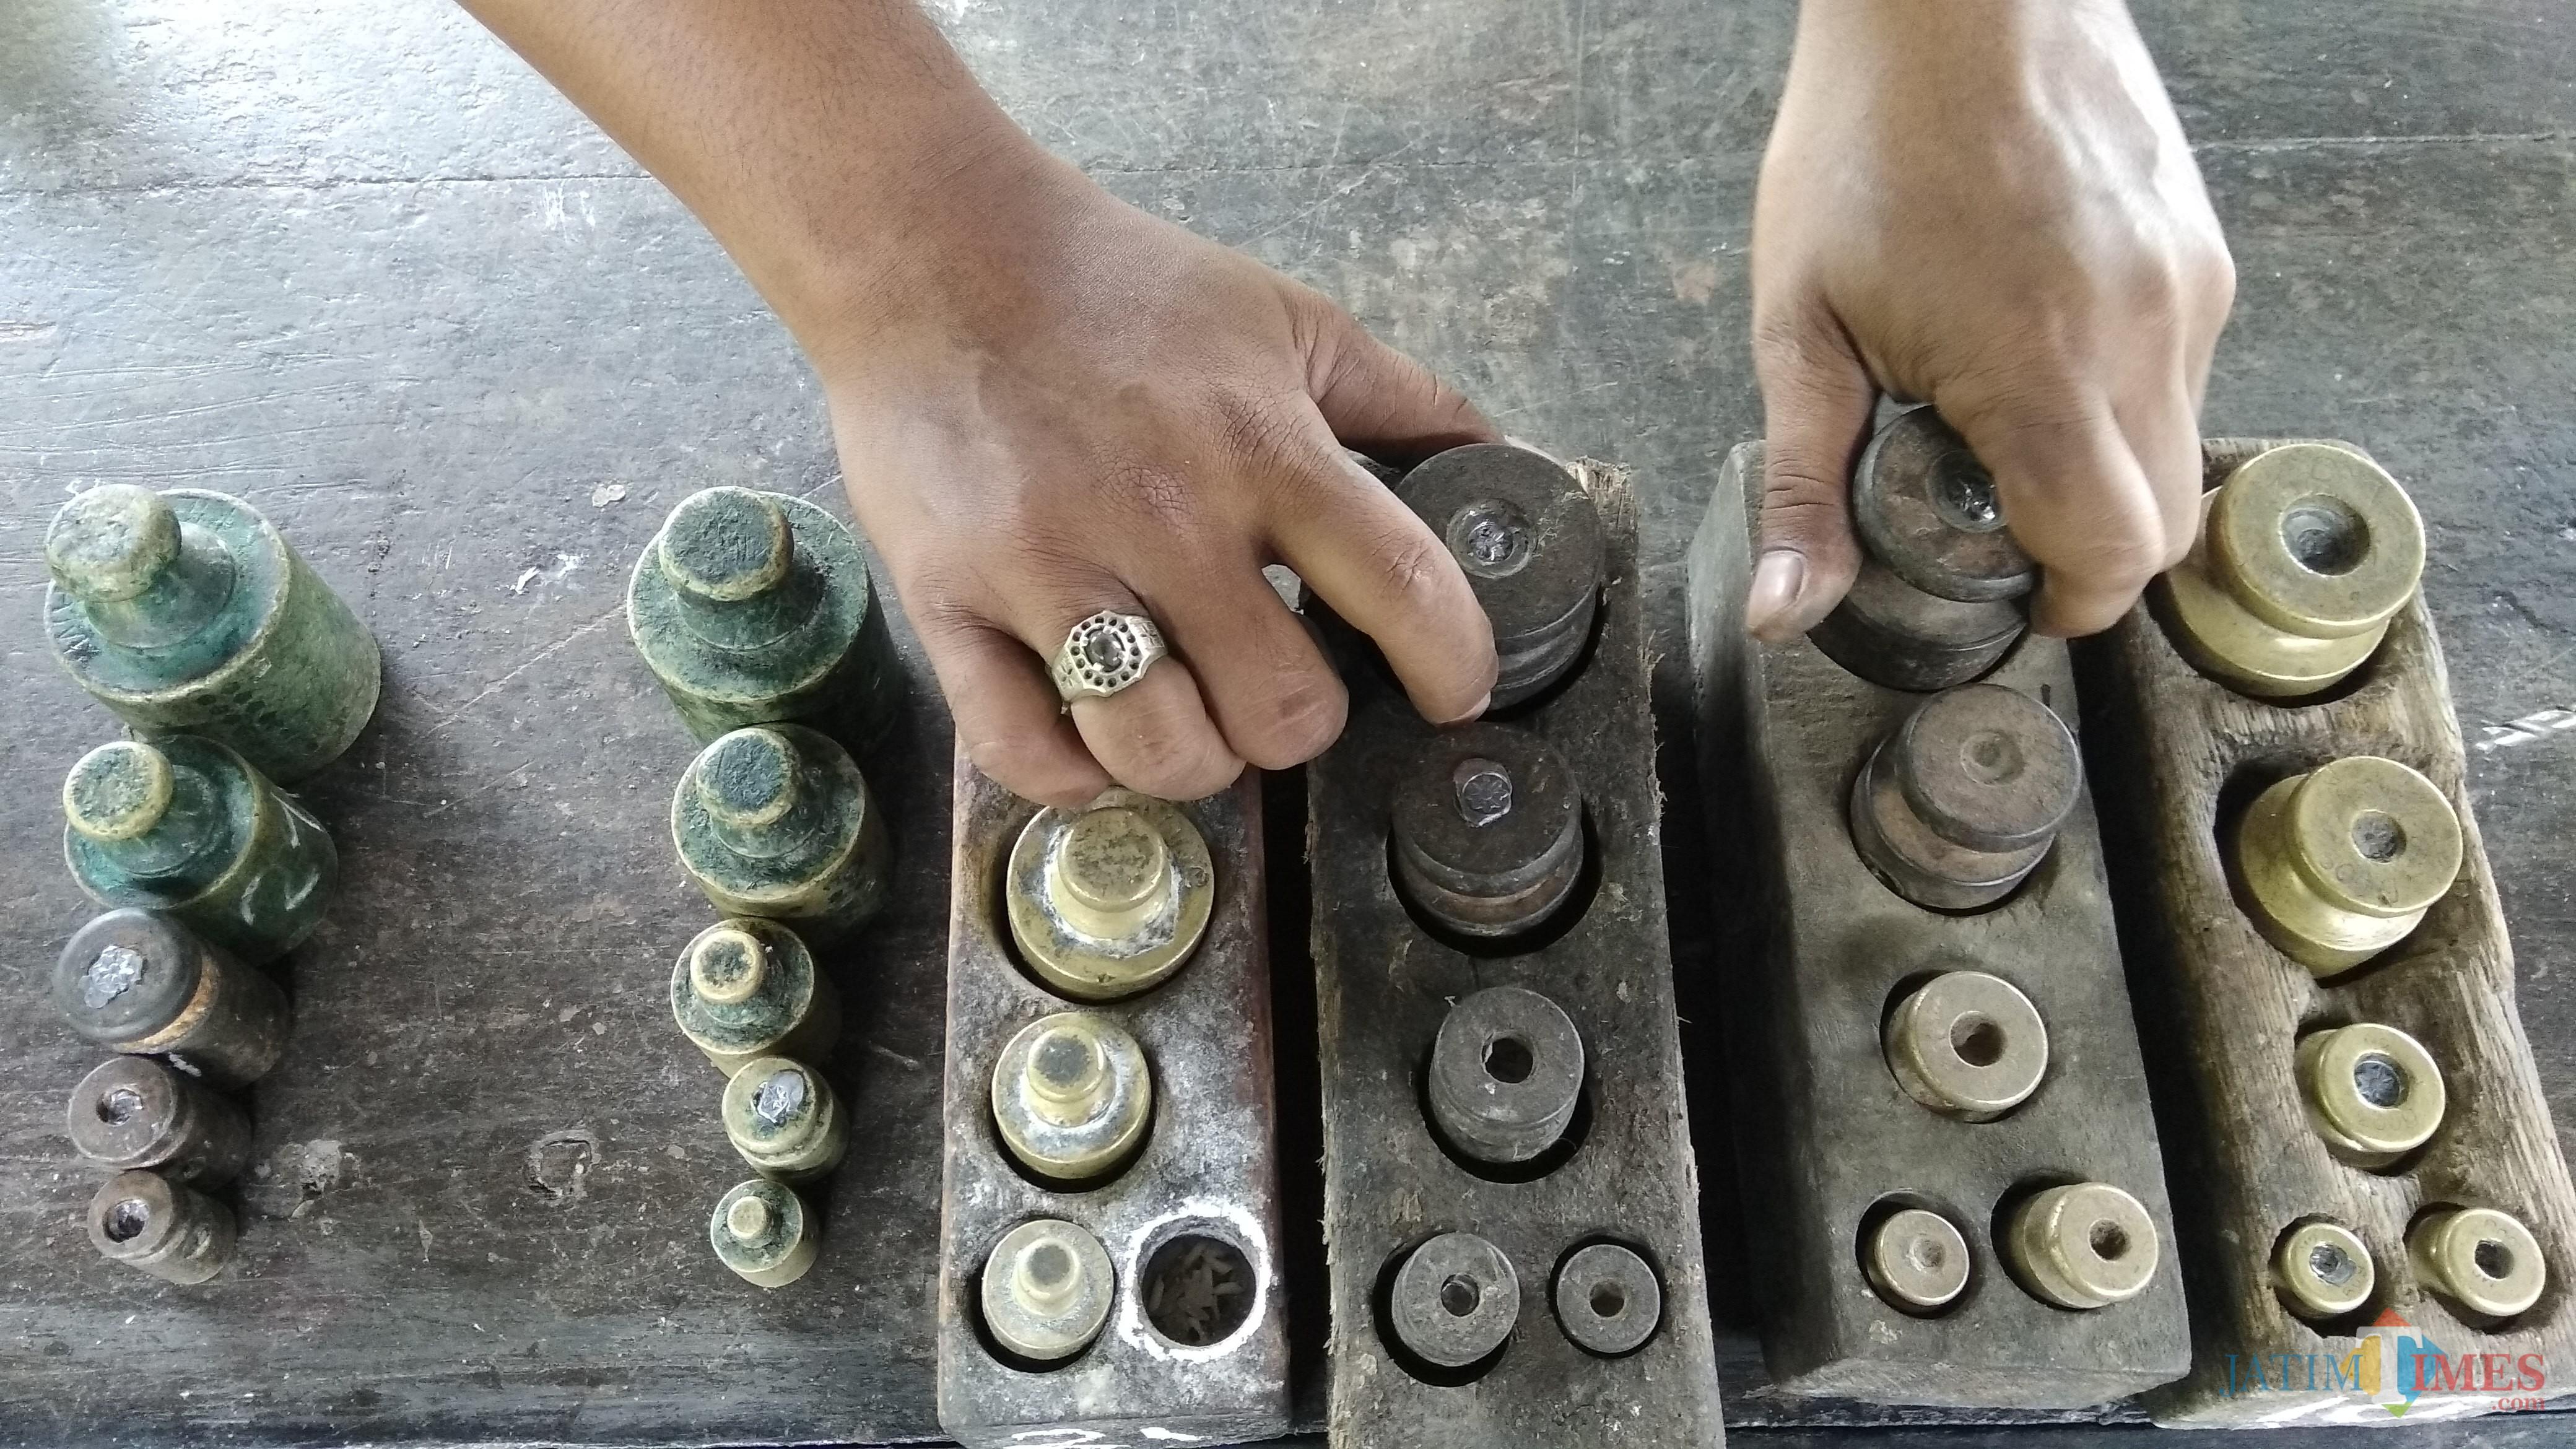 Petugas Disdag Kota Malang mengecek anak timbangan yang digunakan para pedagang pasar tradisional. (Foto: Nurlayla Ratri/MalangTIMES)